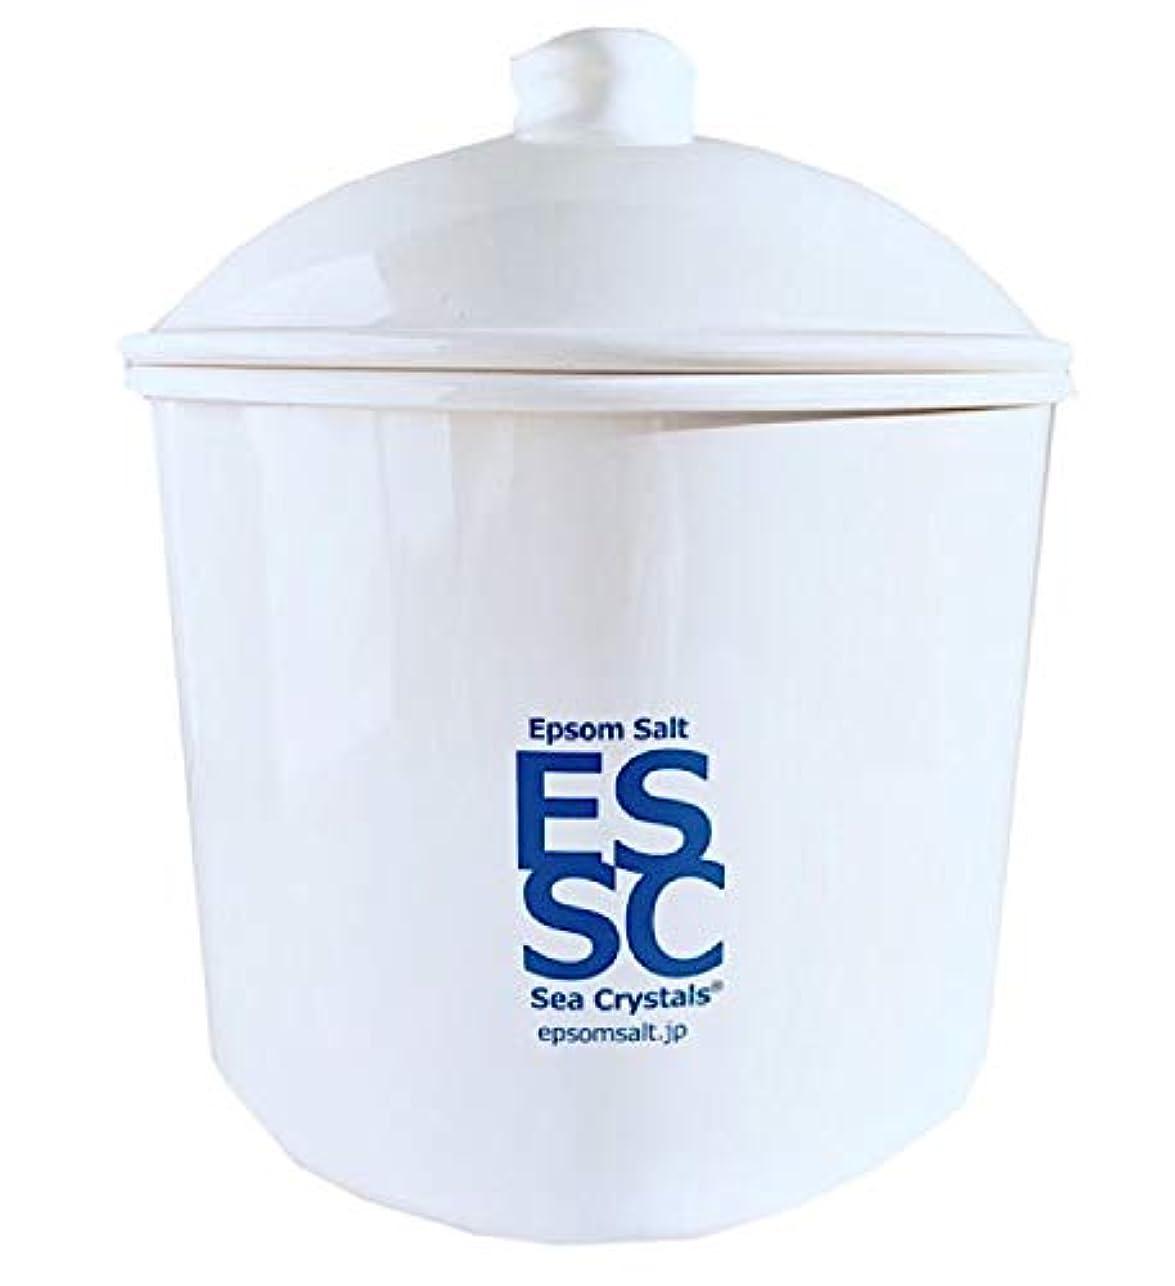 罰する愛国的な小道シークリスタルス 国産 エプソムソルト 入浴剤 ケース入り2.2kg 約14回分 計量スプーン付き 無香料 硫酸マグネシウム